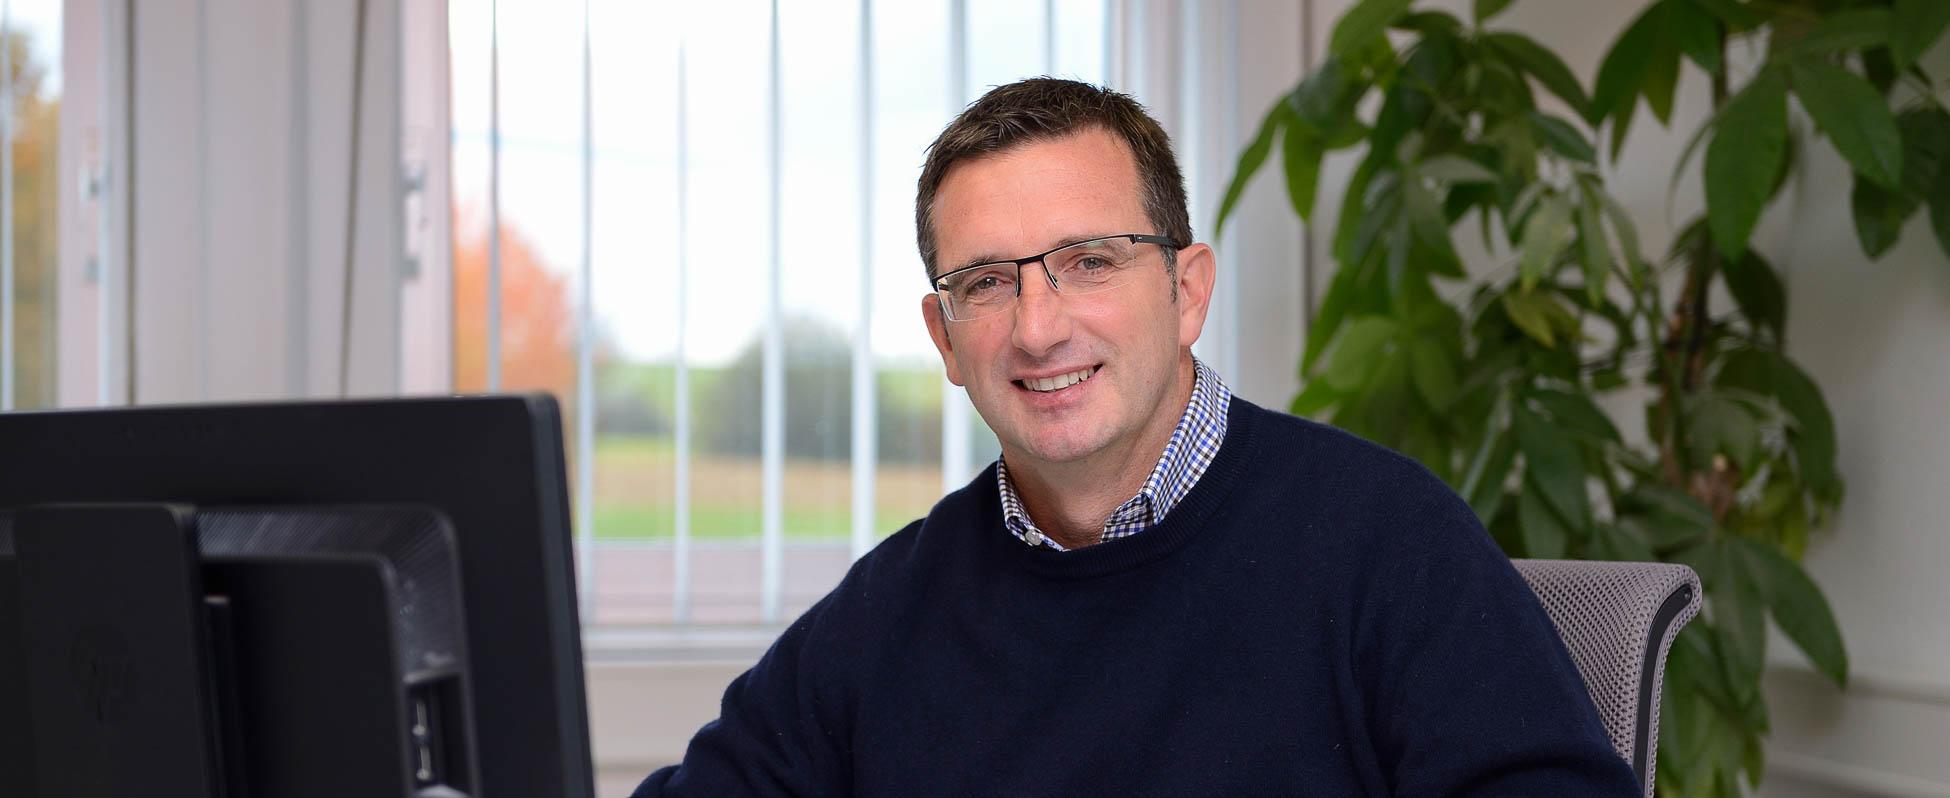 Markus Plaumann Portrait